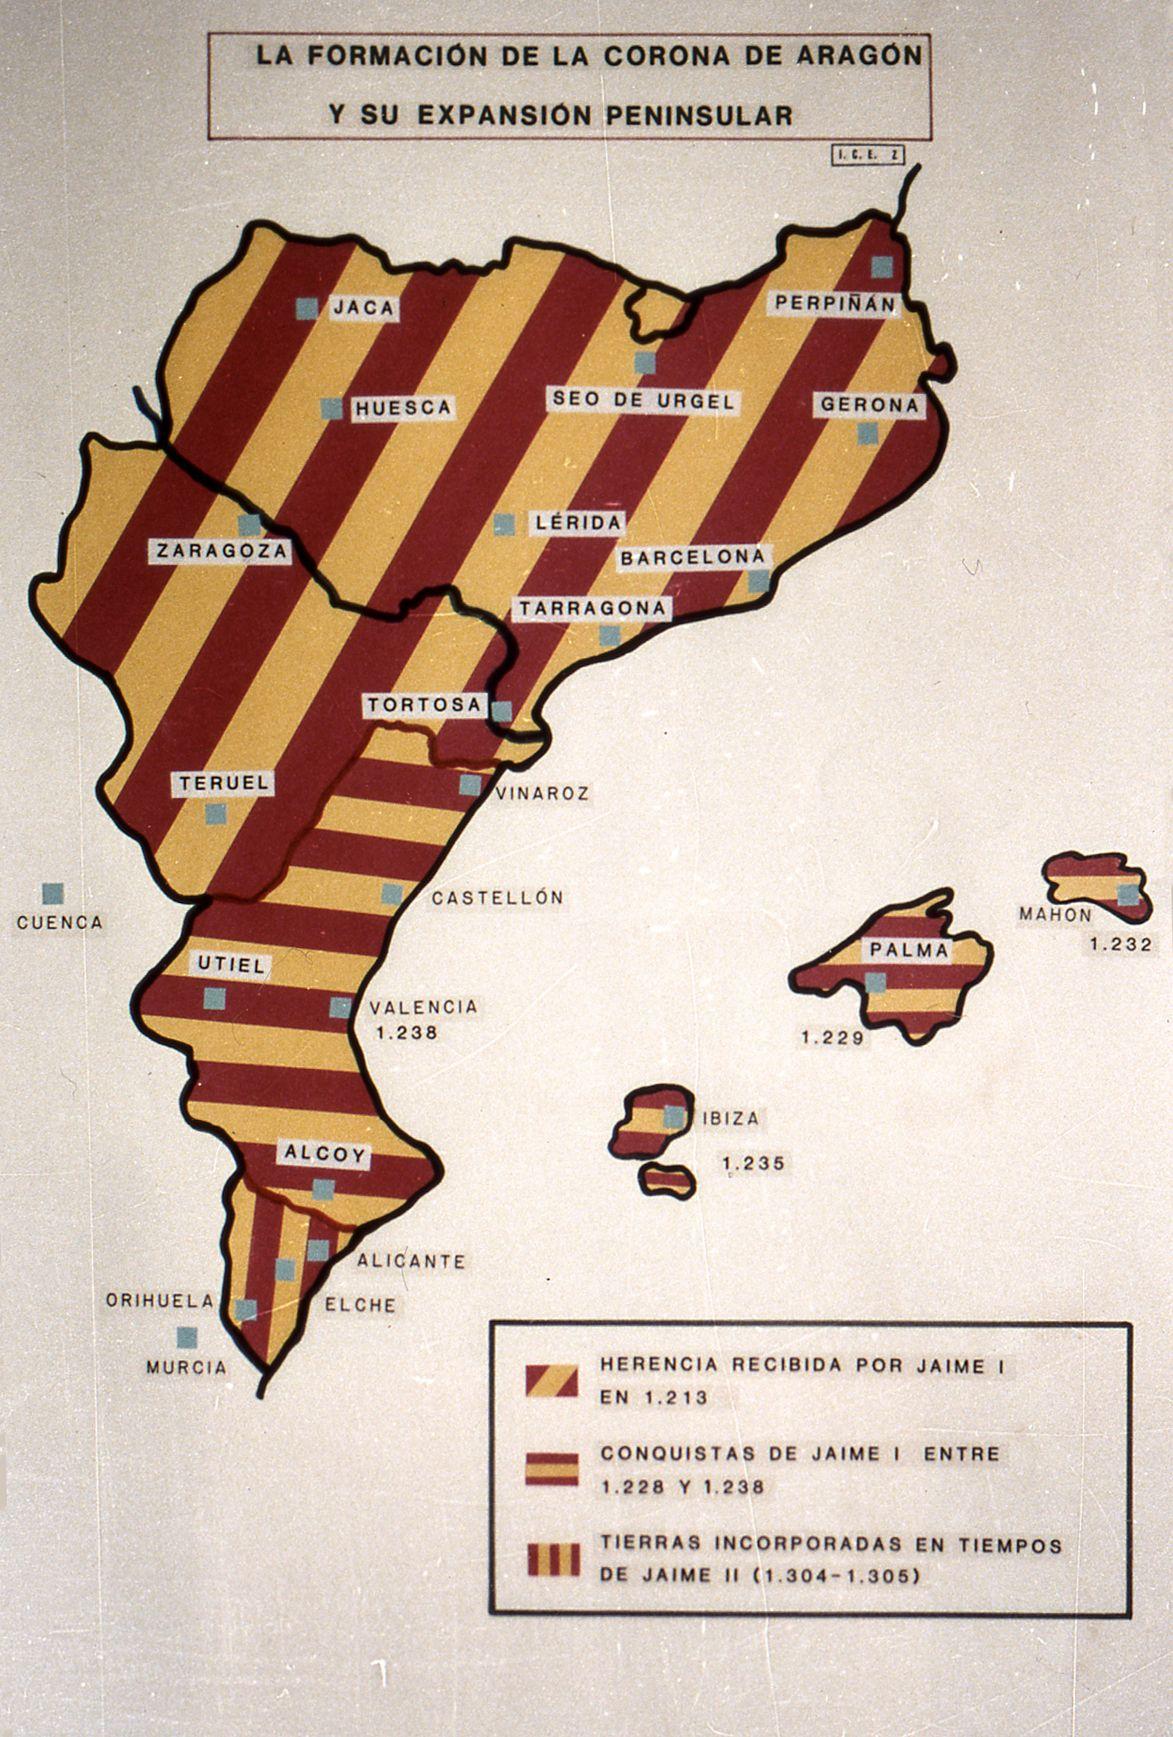 La Formación De La Corona De Aragón Y Su Expansión Peninsular Corona De Aragon Historia De España Mapa De España